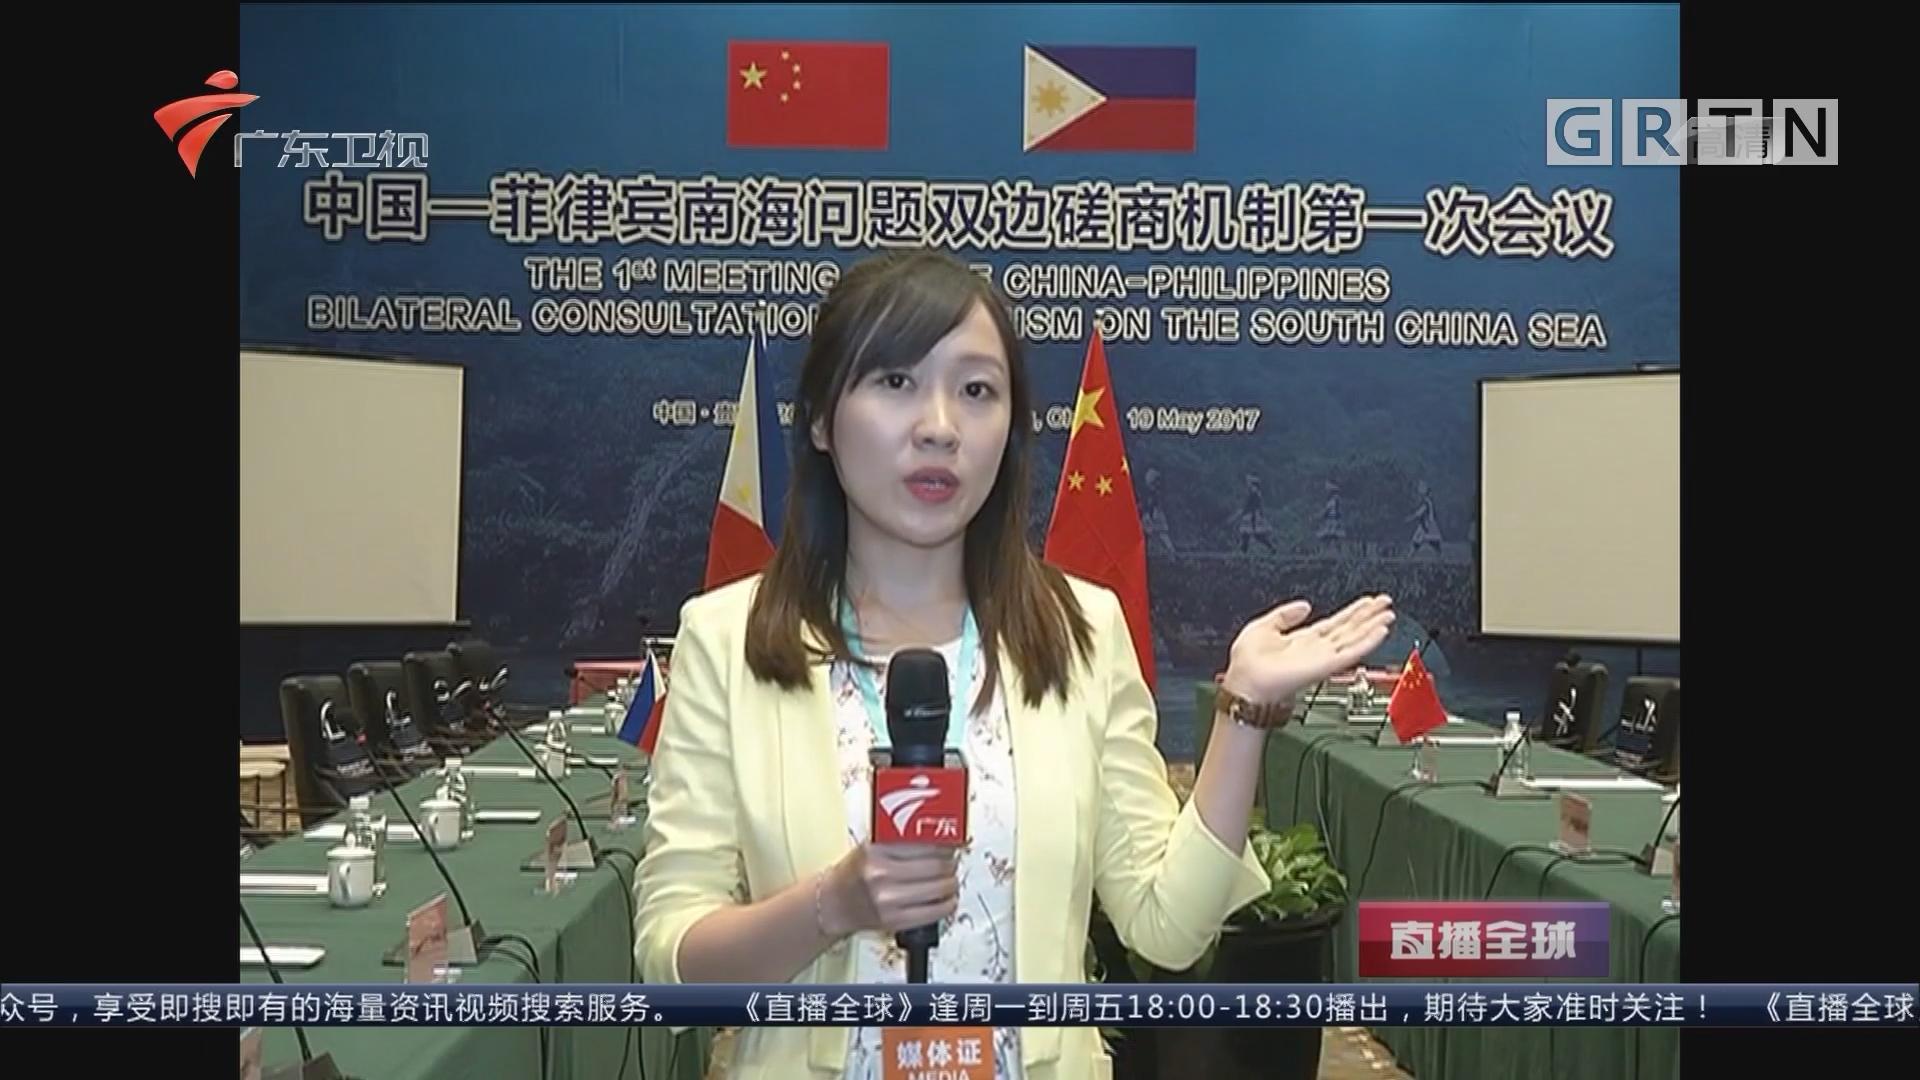 广东台记者 肖洋洋 摄像:毋冰 中菲首次就南海问题进行磋商